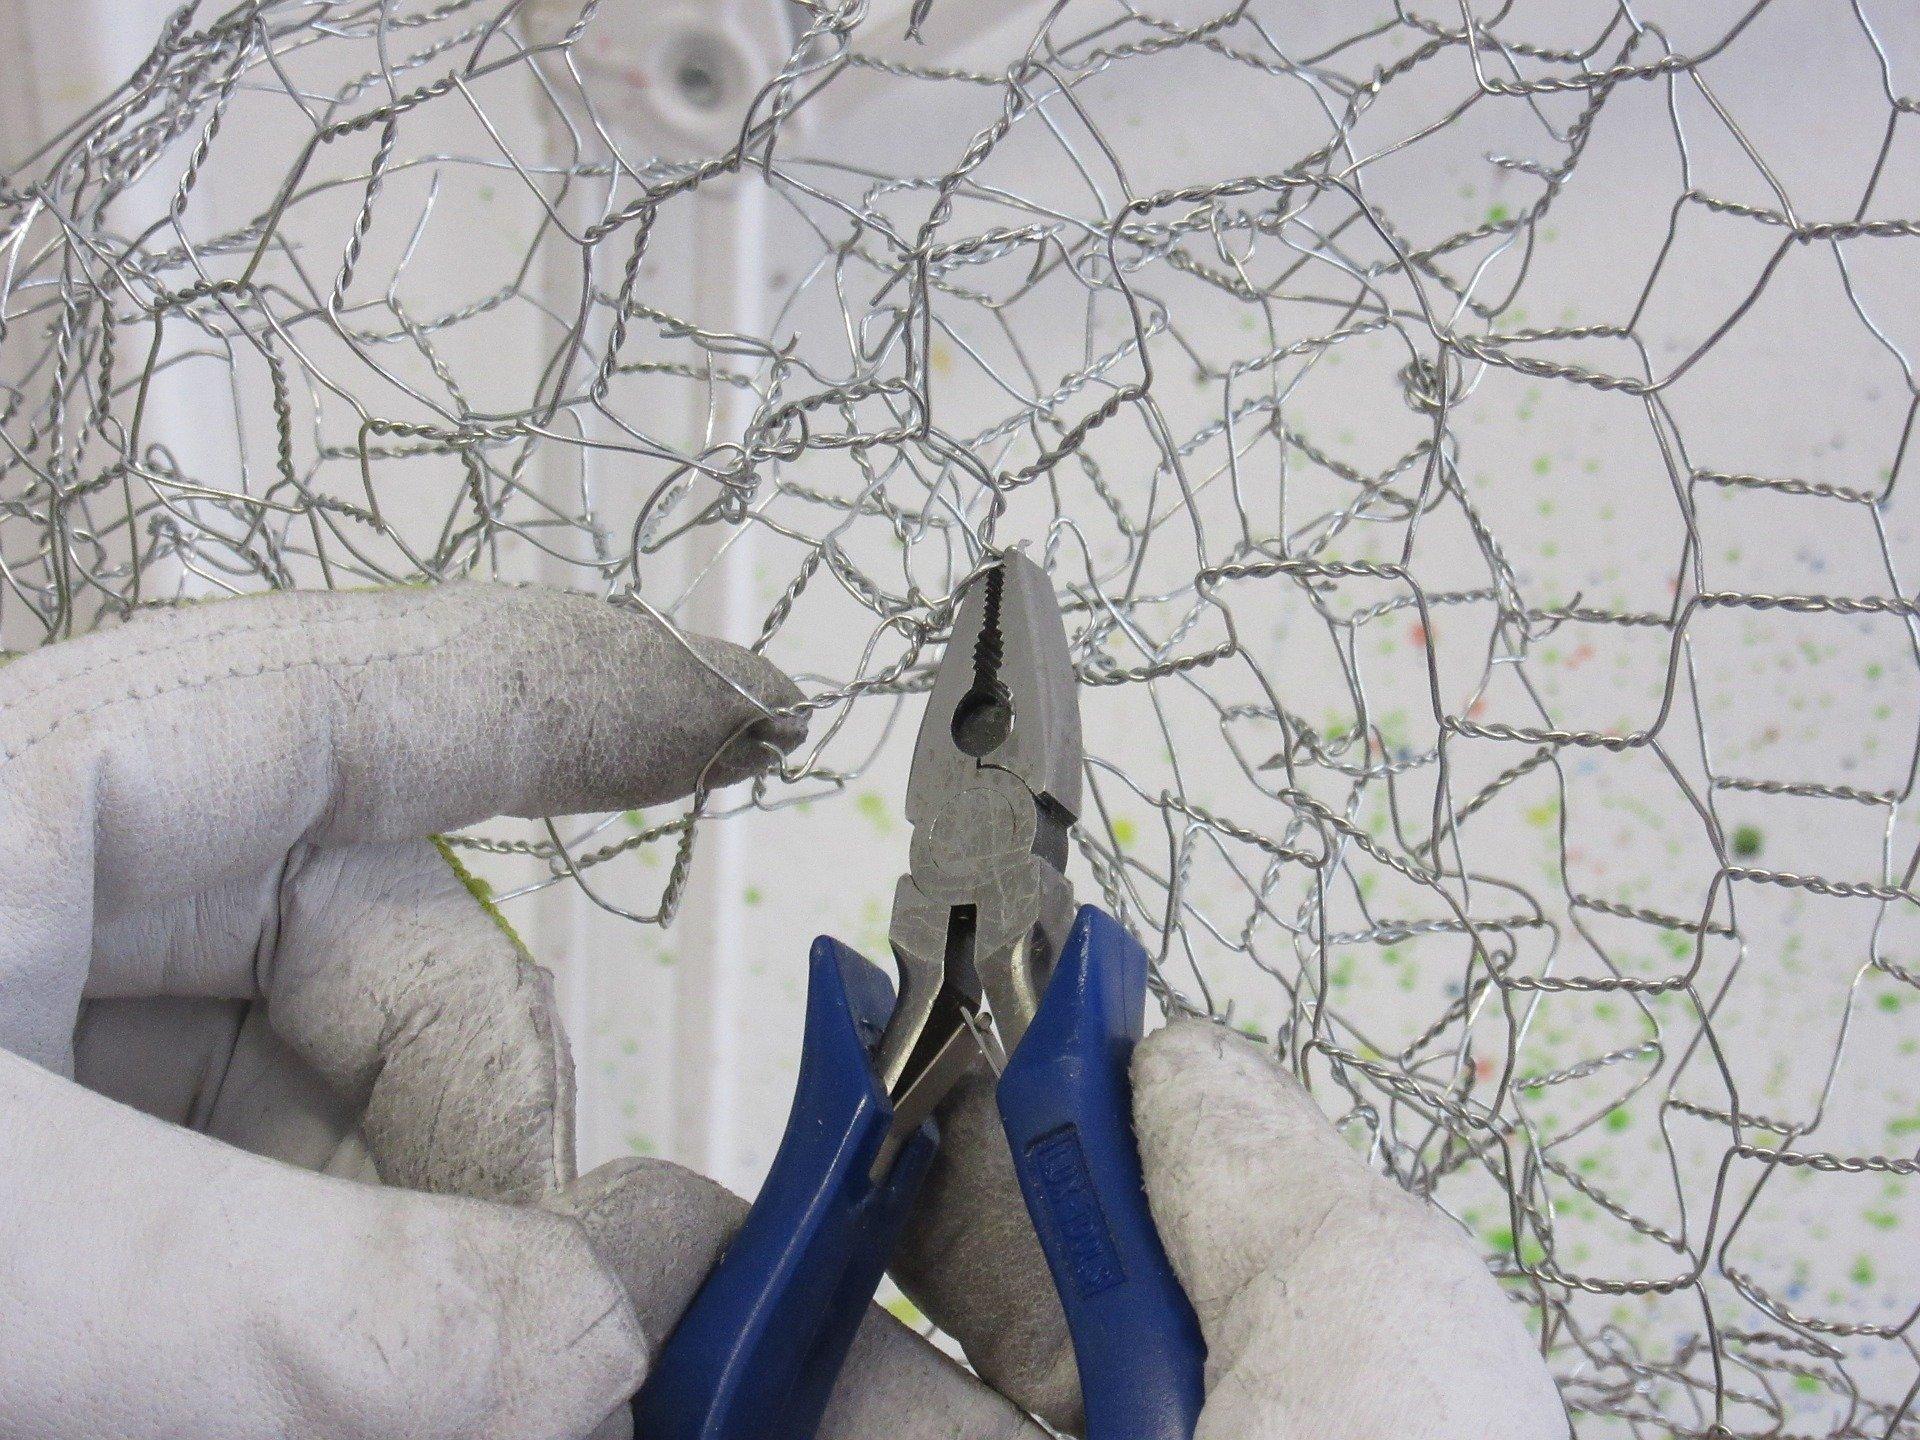 Kombizange Heimwerker und Bastelarbeiten